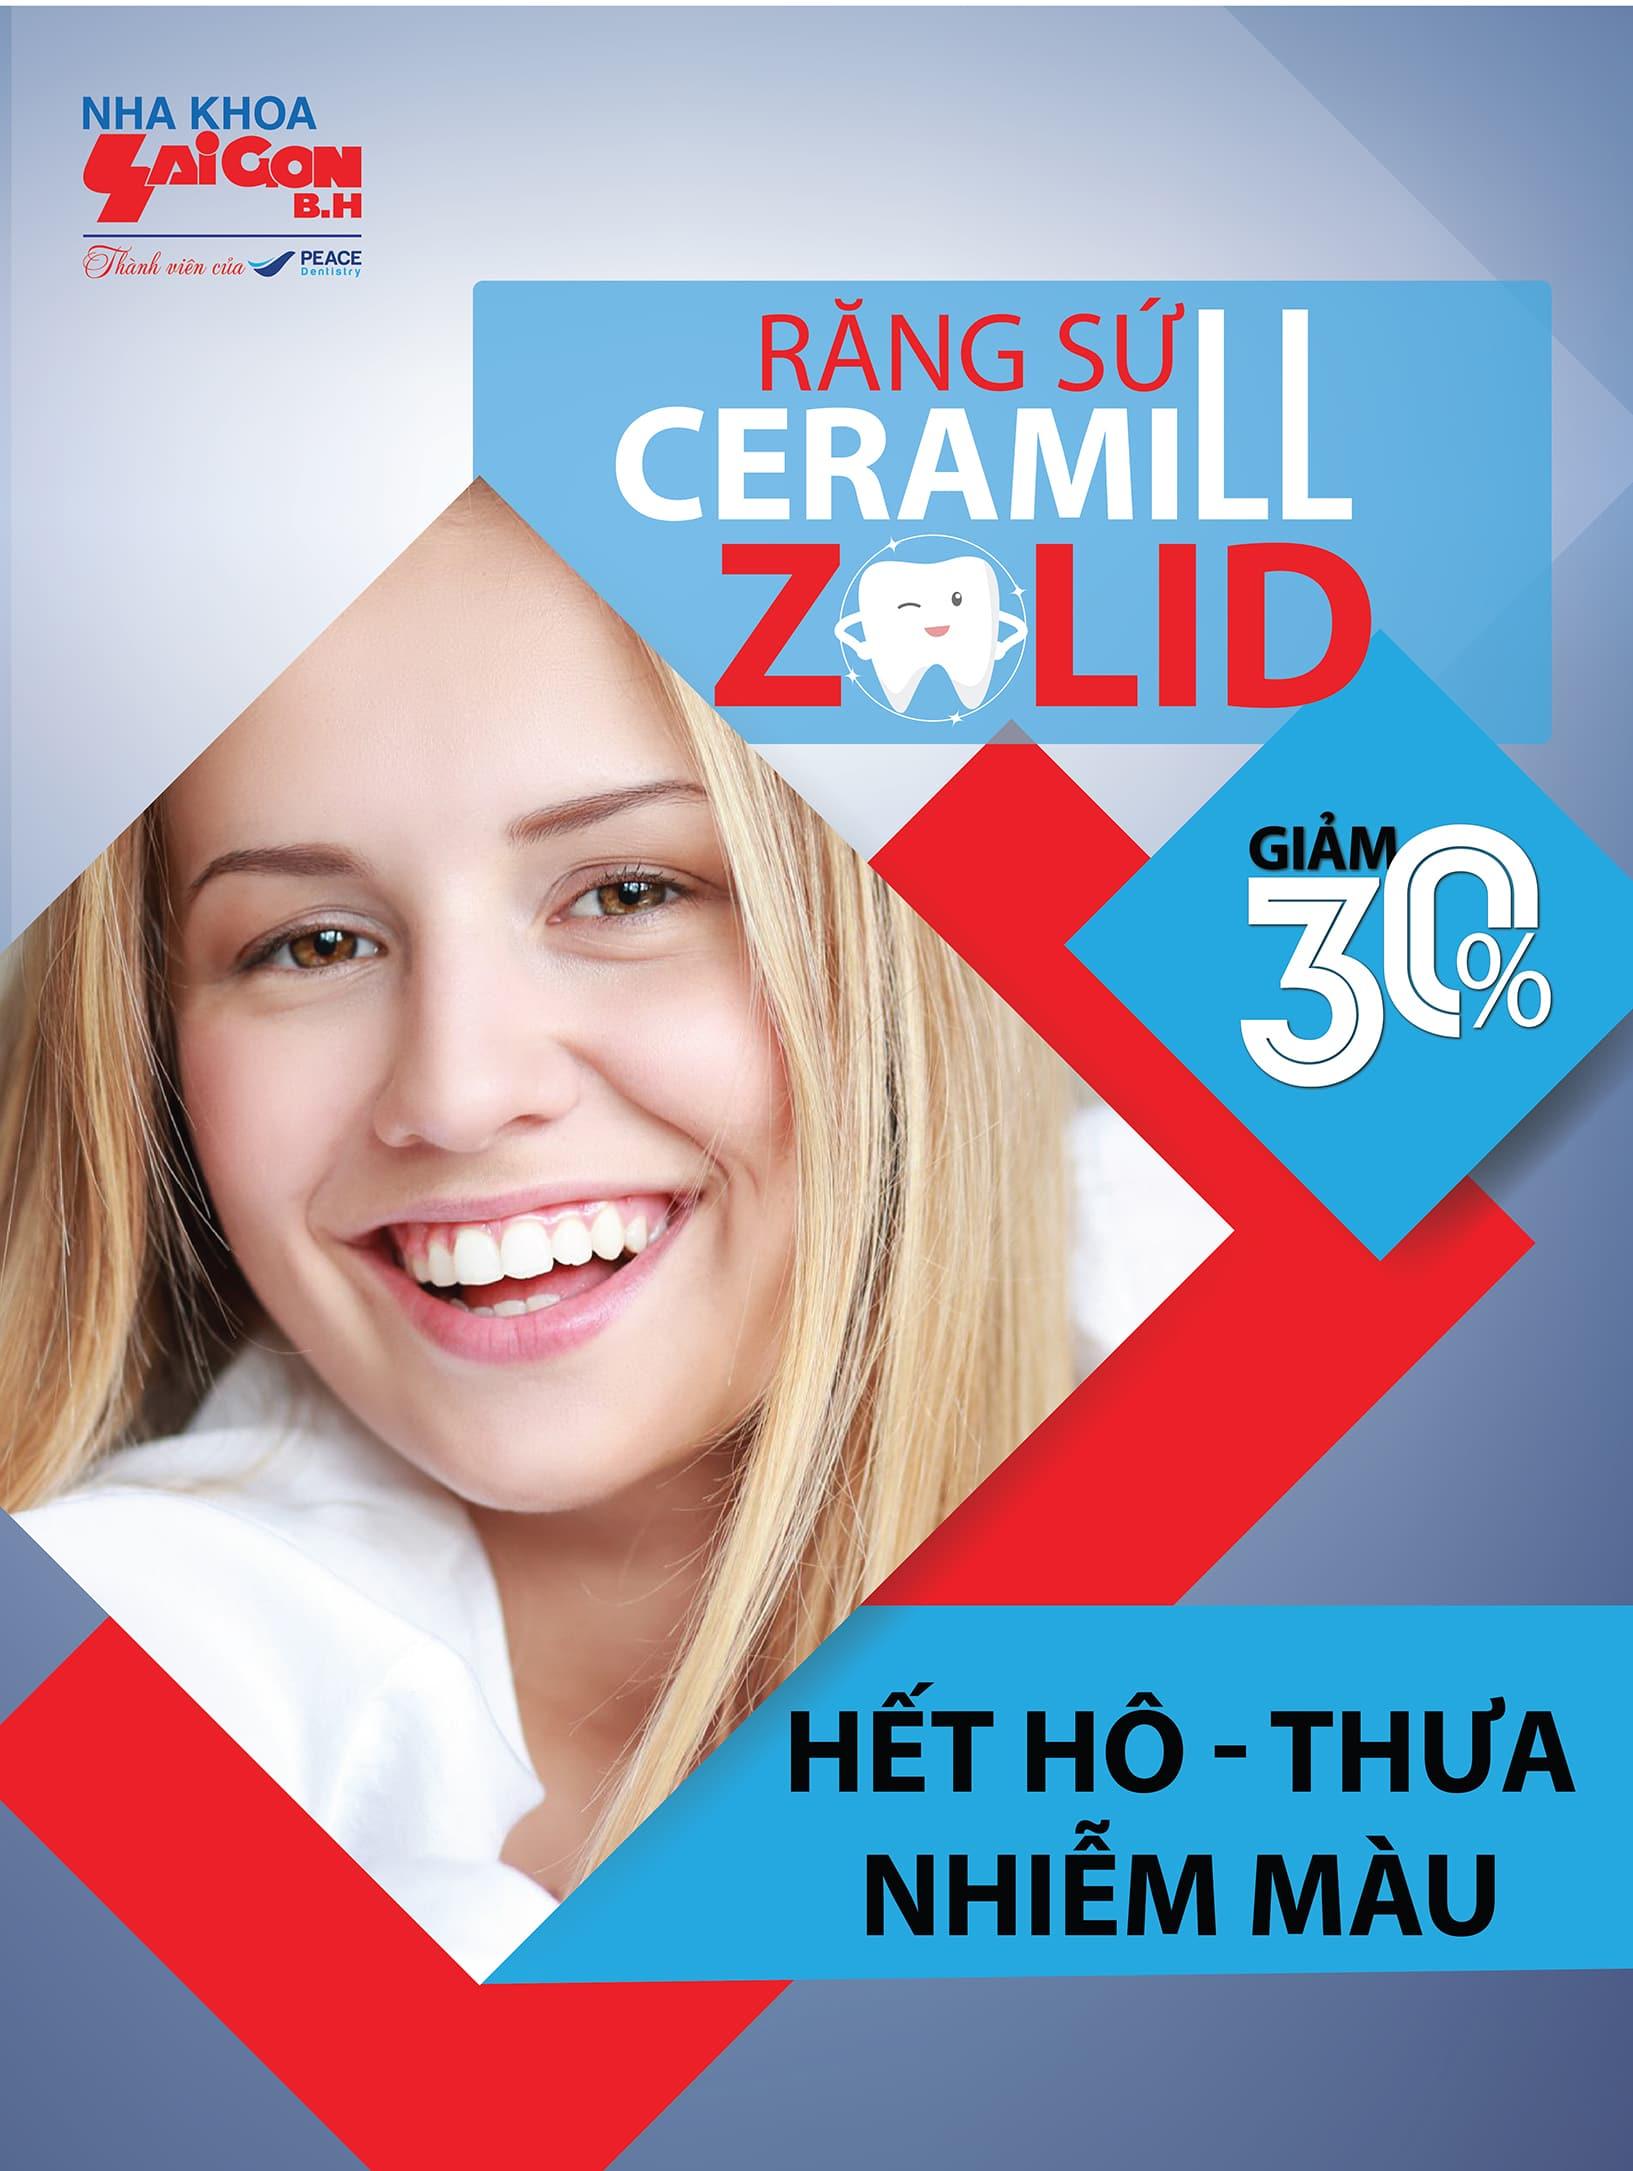 Ưu đãi lớn giảm 20% bọc răng sứ thẩm mỹ Ceramill zolid - Nha khoa Biên Hòa Đồng Nai